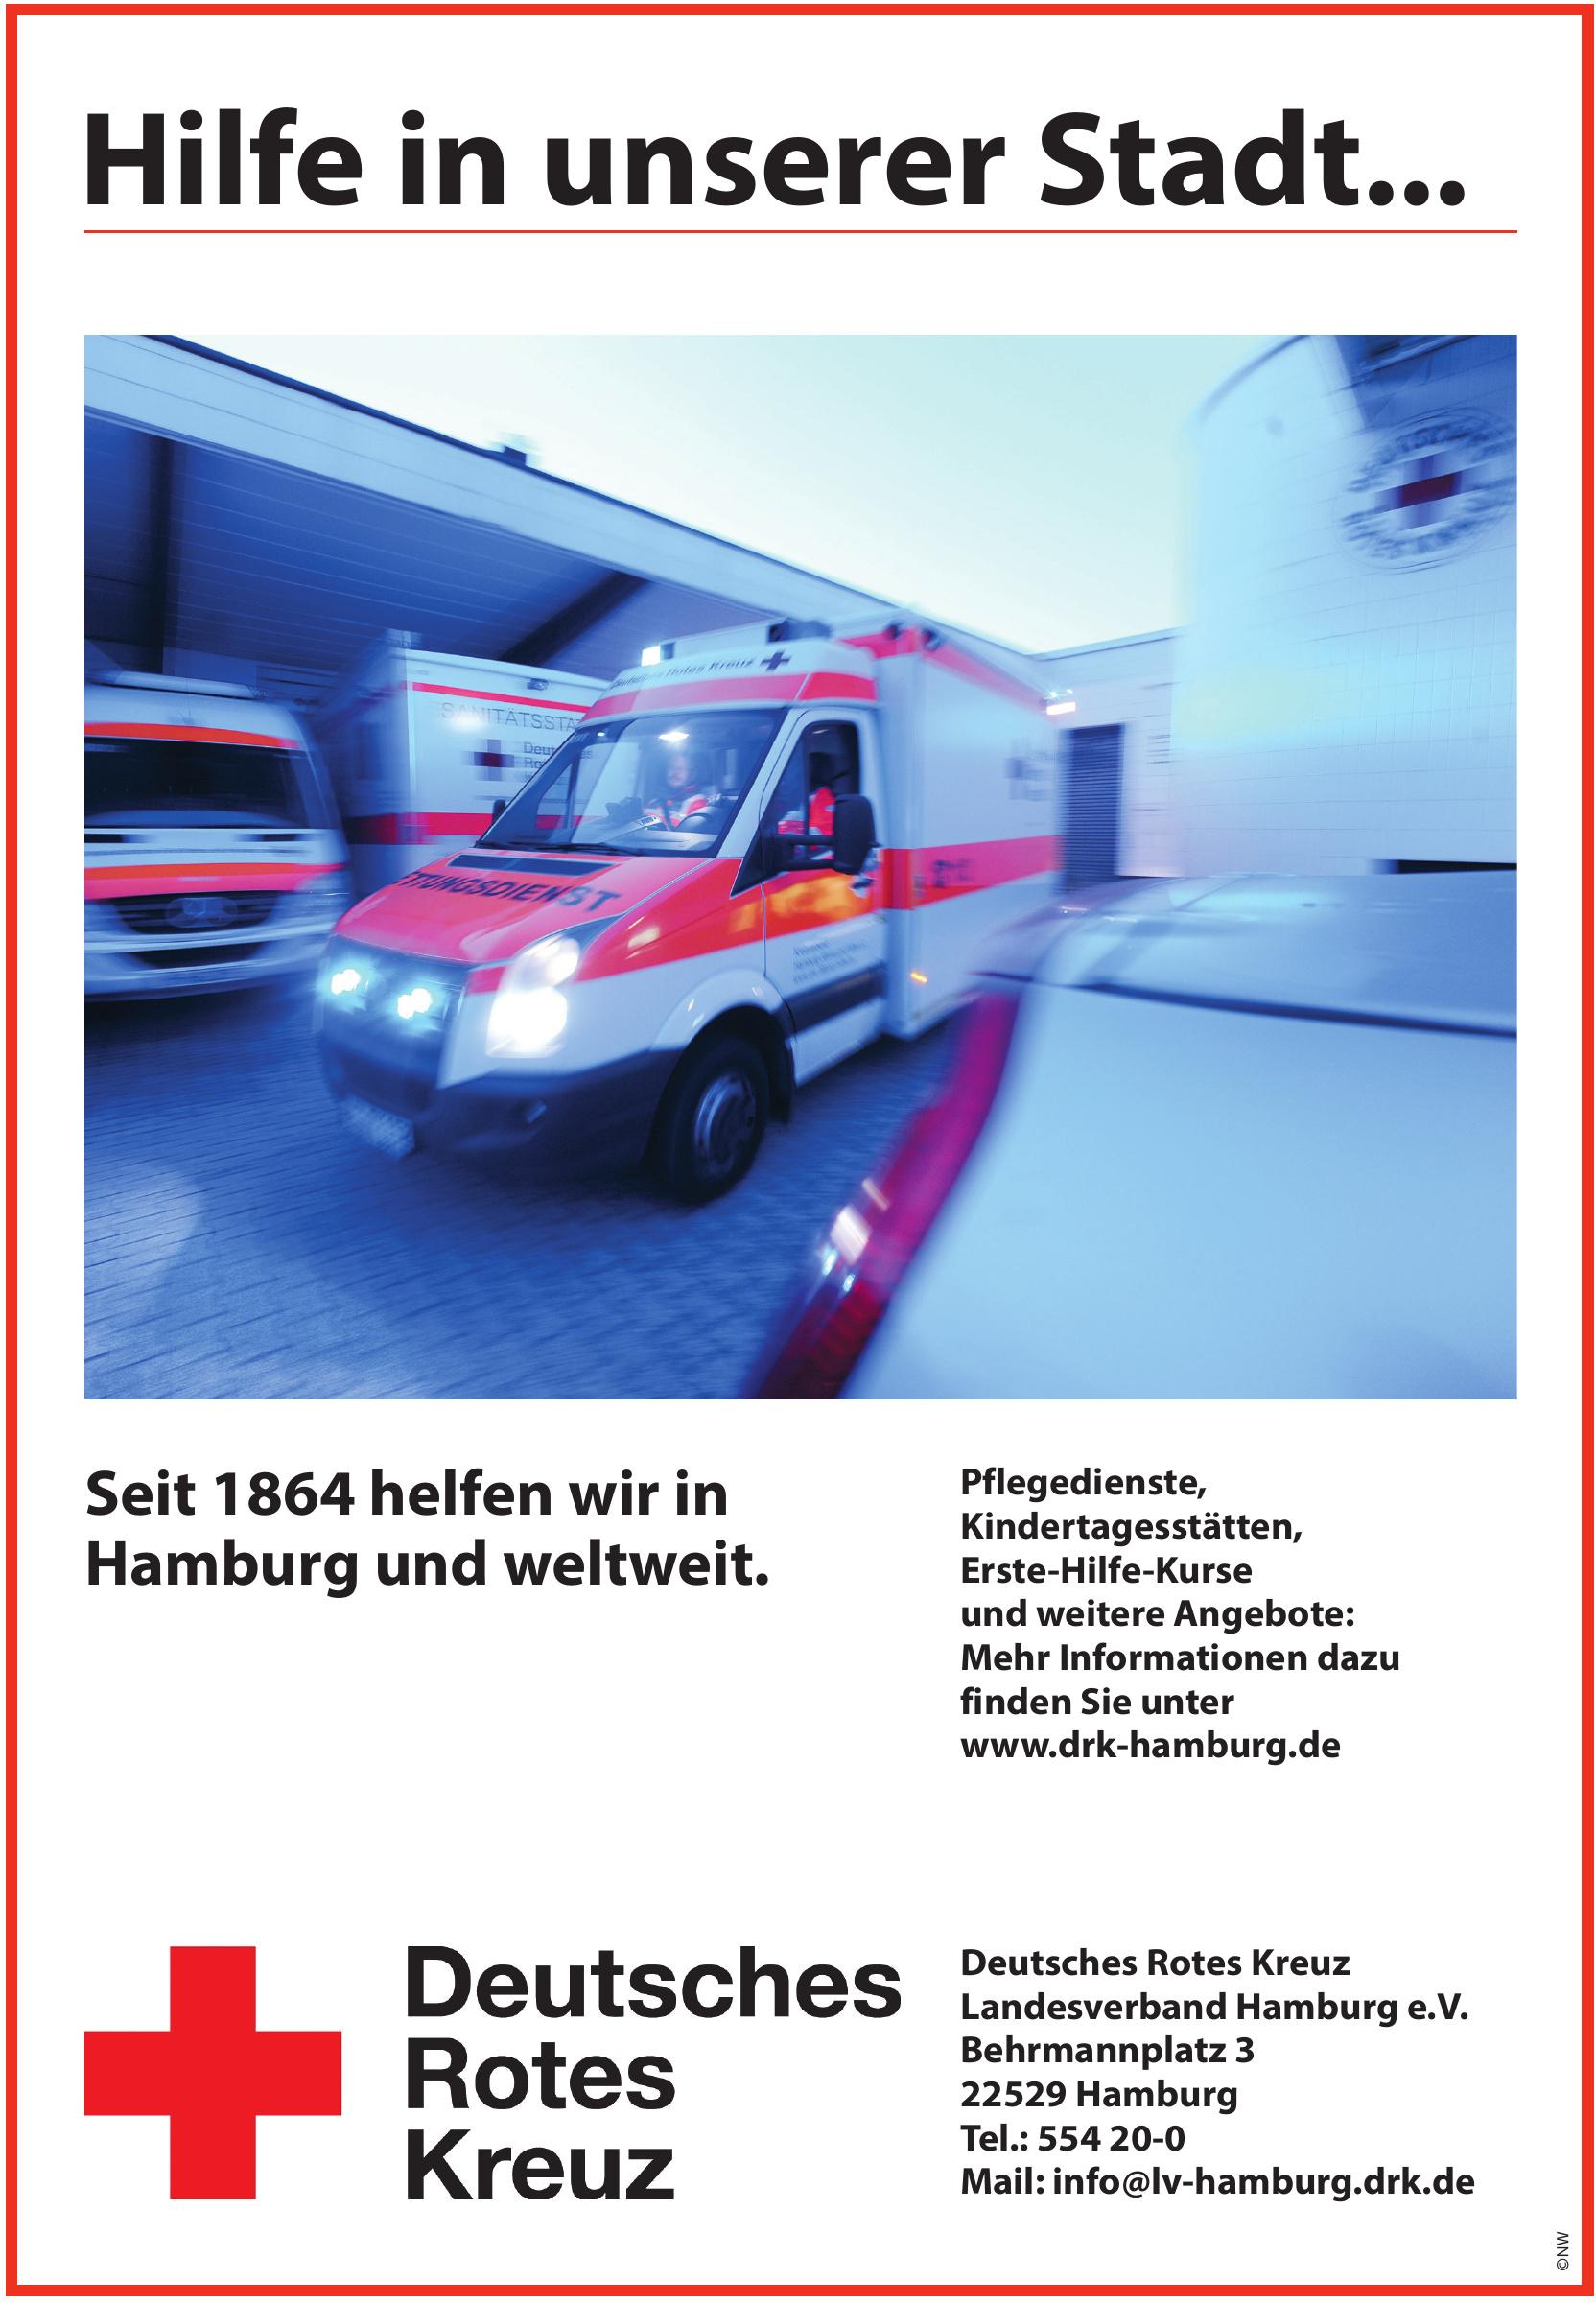 Deutsches Rotes Kreuz Landesverband Hamburg e. V.